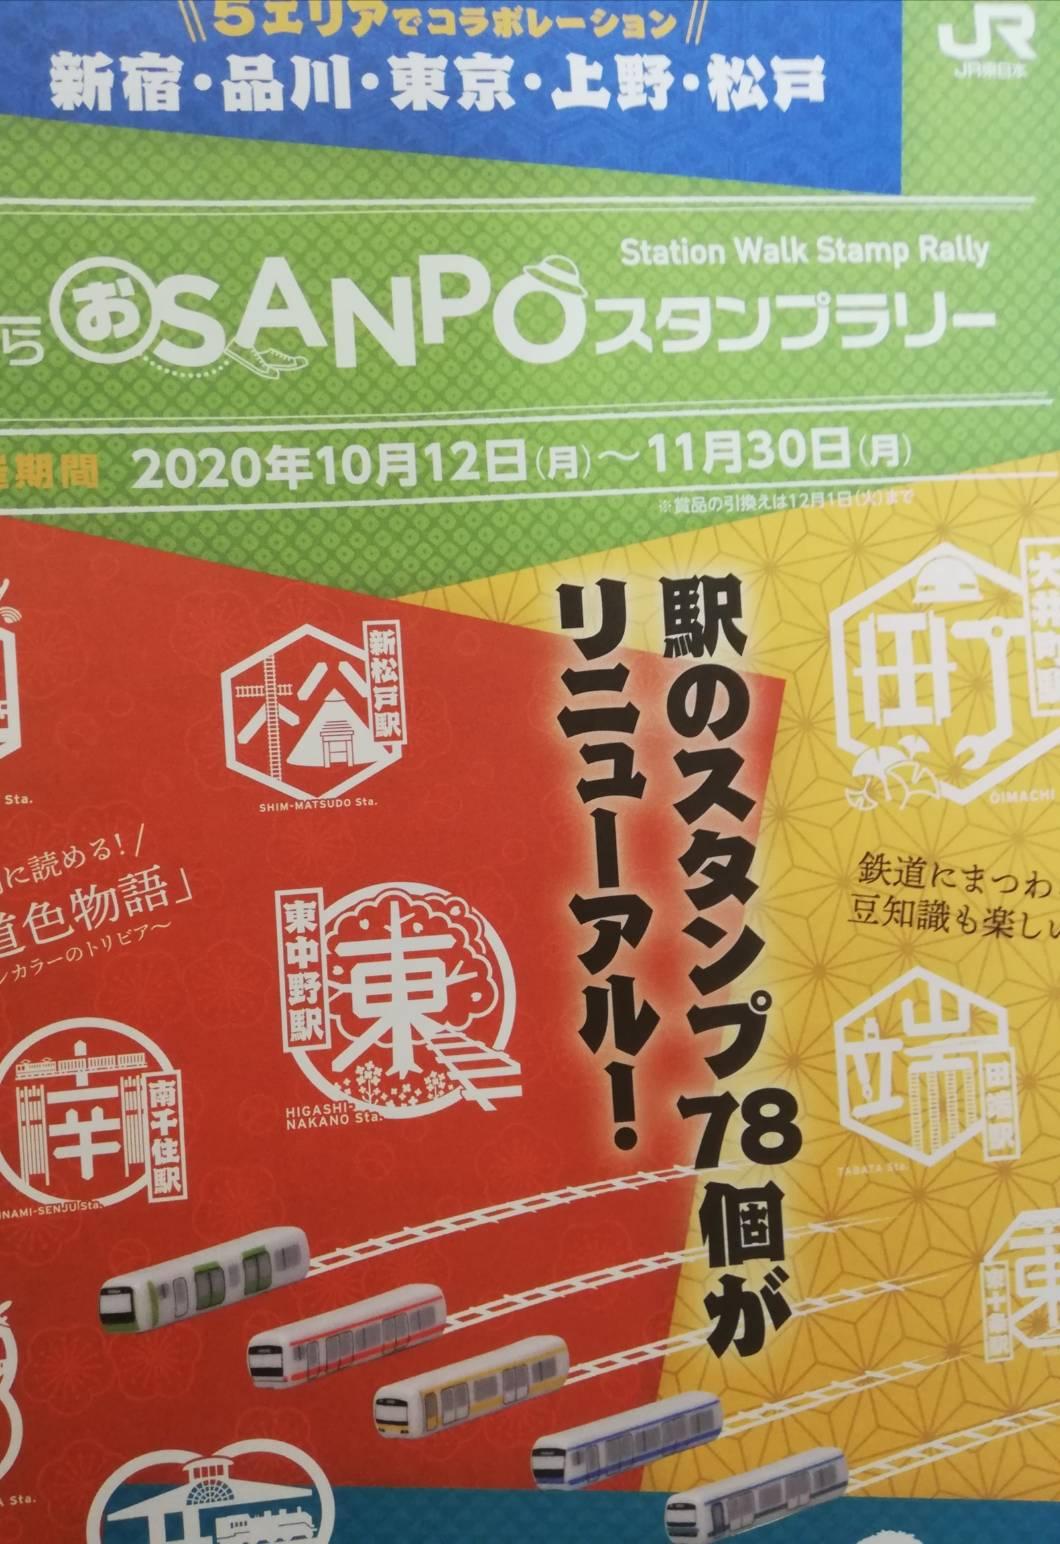 駅からおSANPOスタンプラリー2020千葉松戸